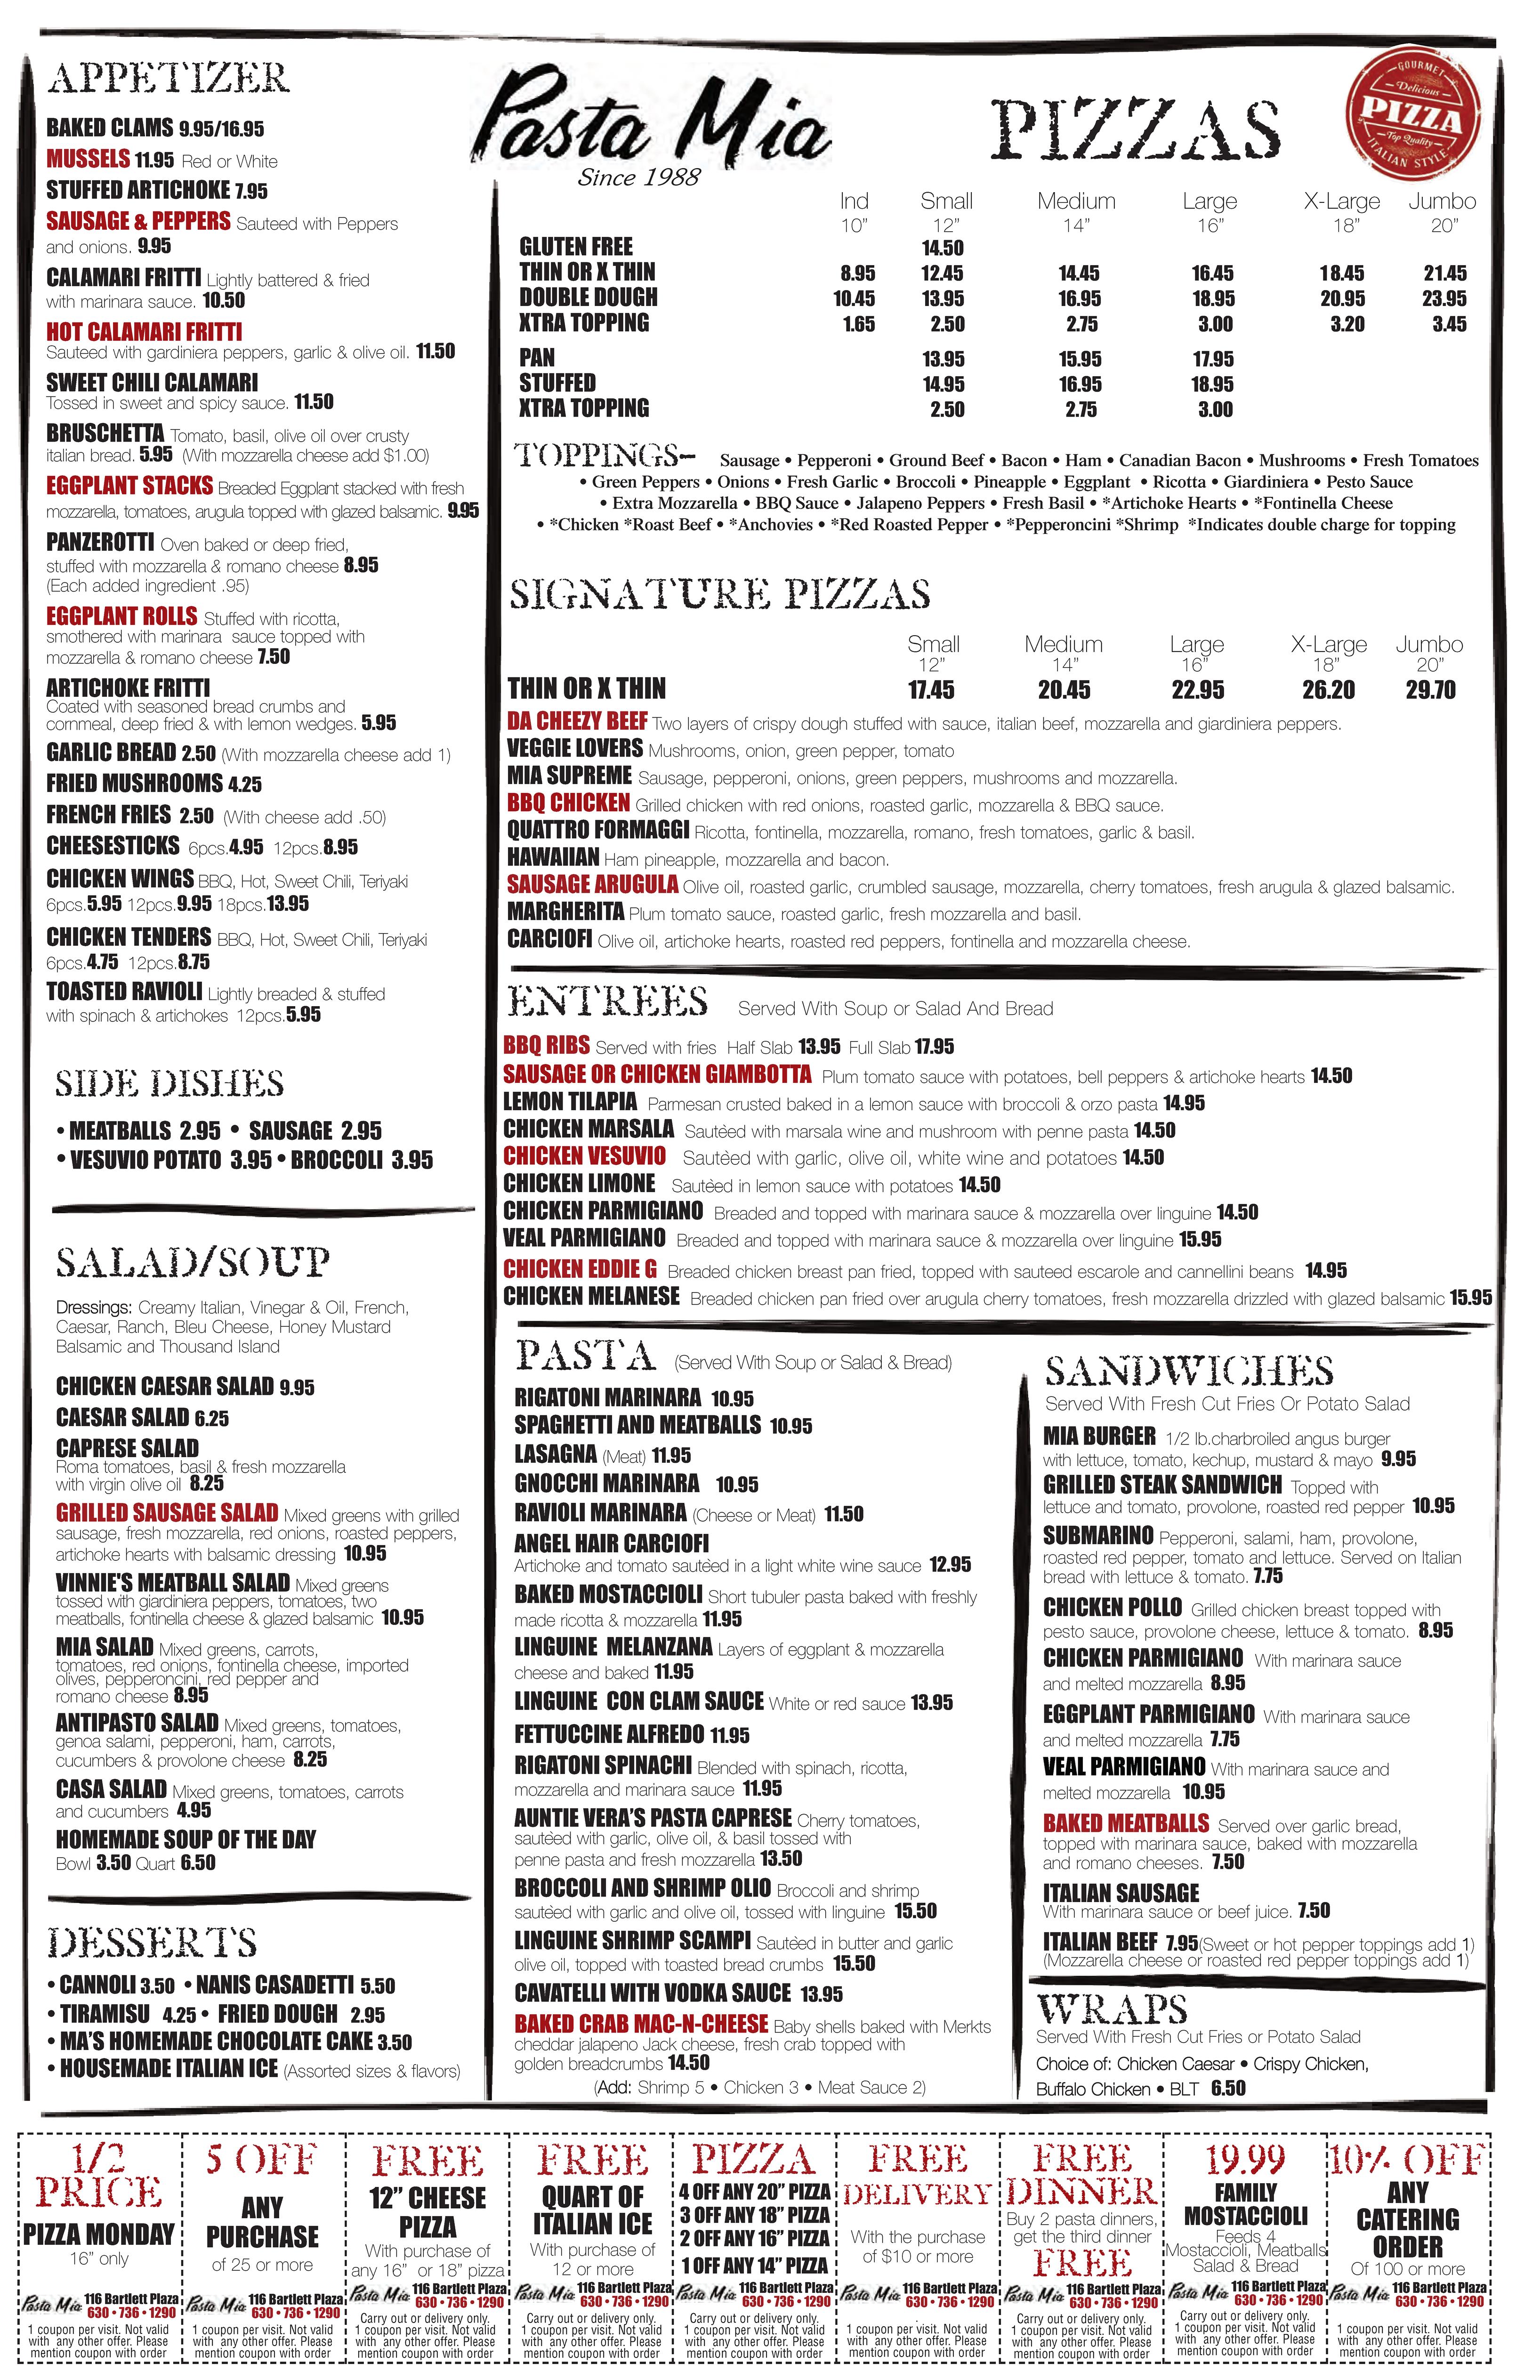 Pranzi-carryout-menu-7-28-15-2